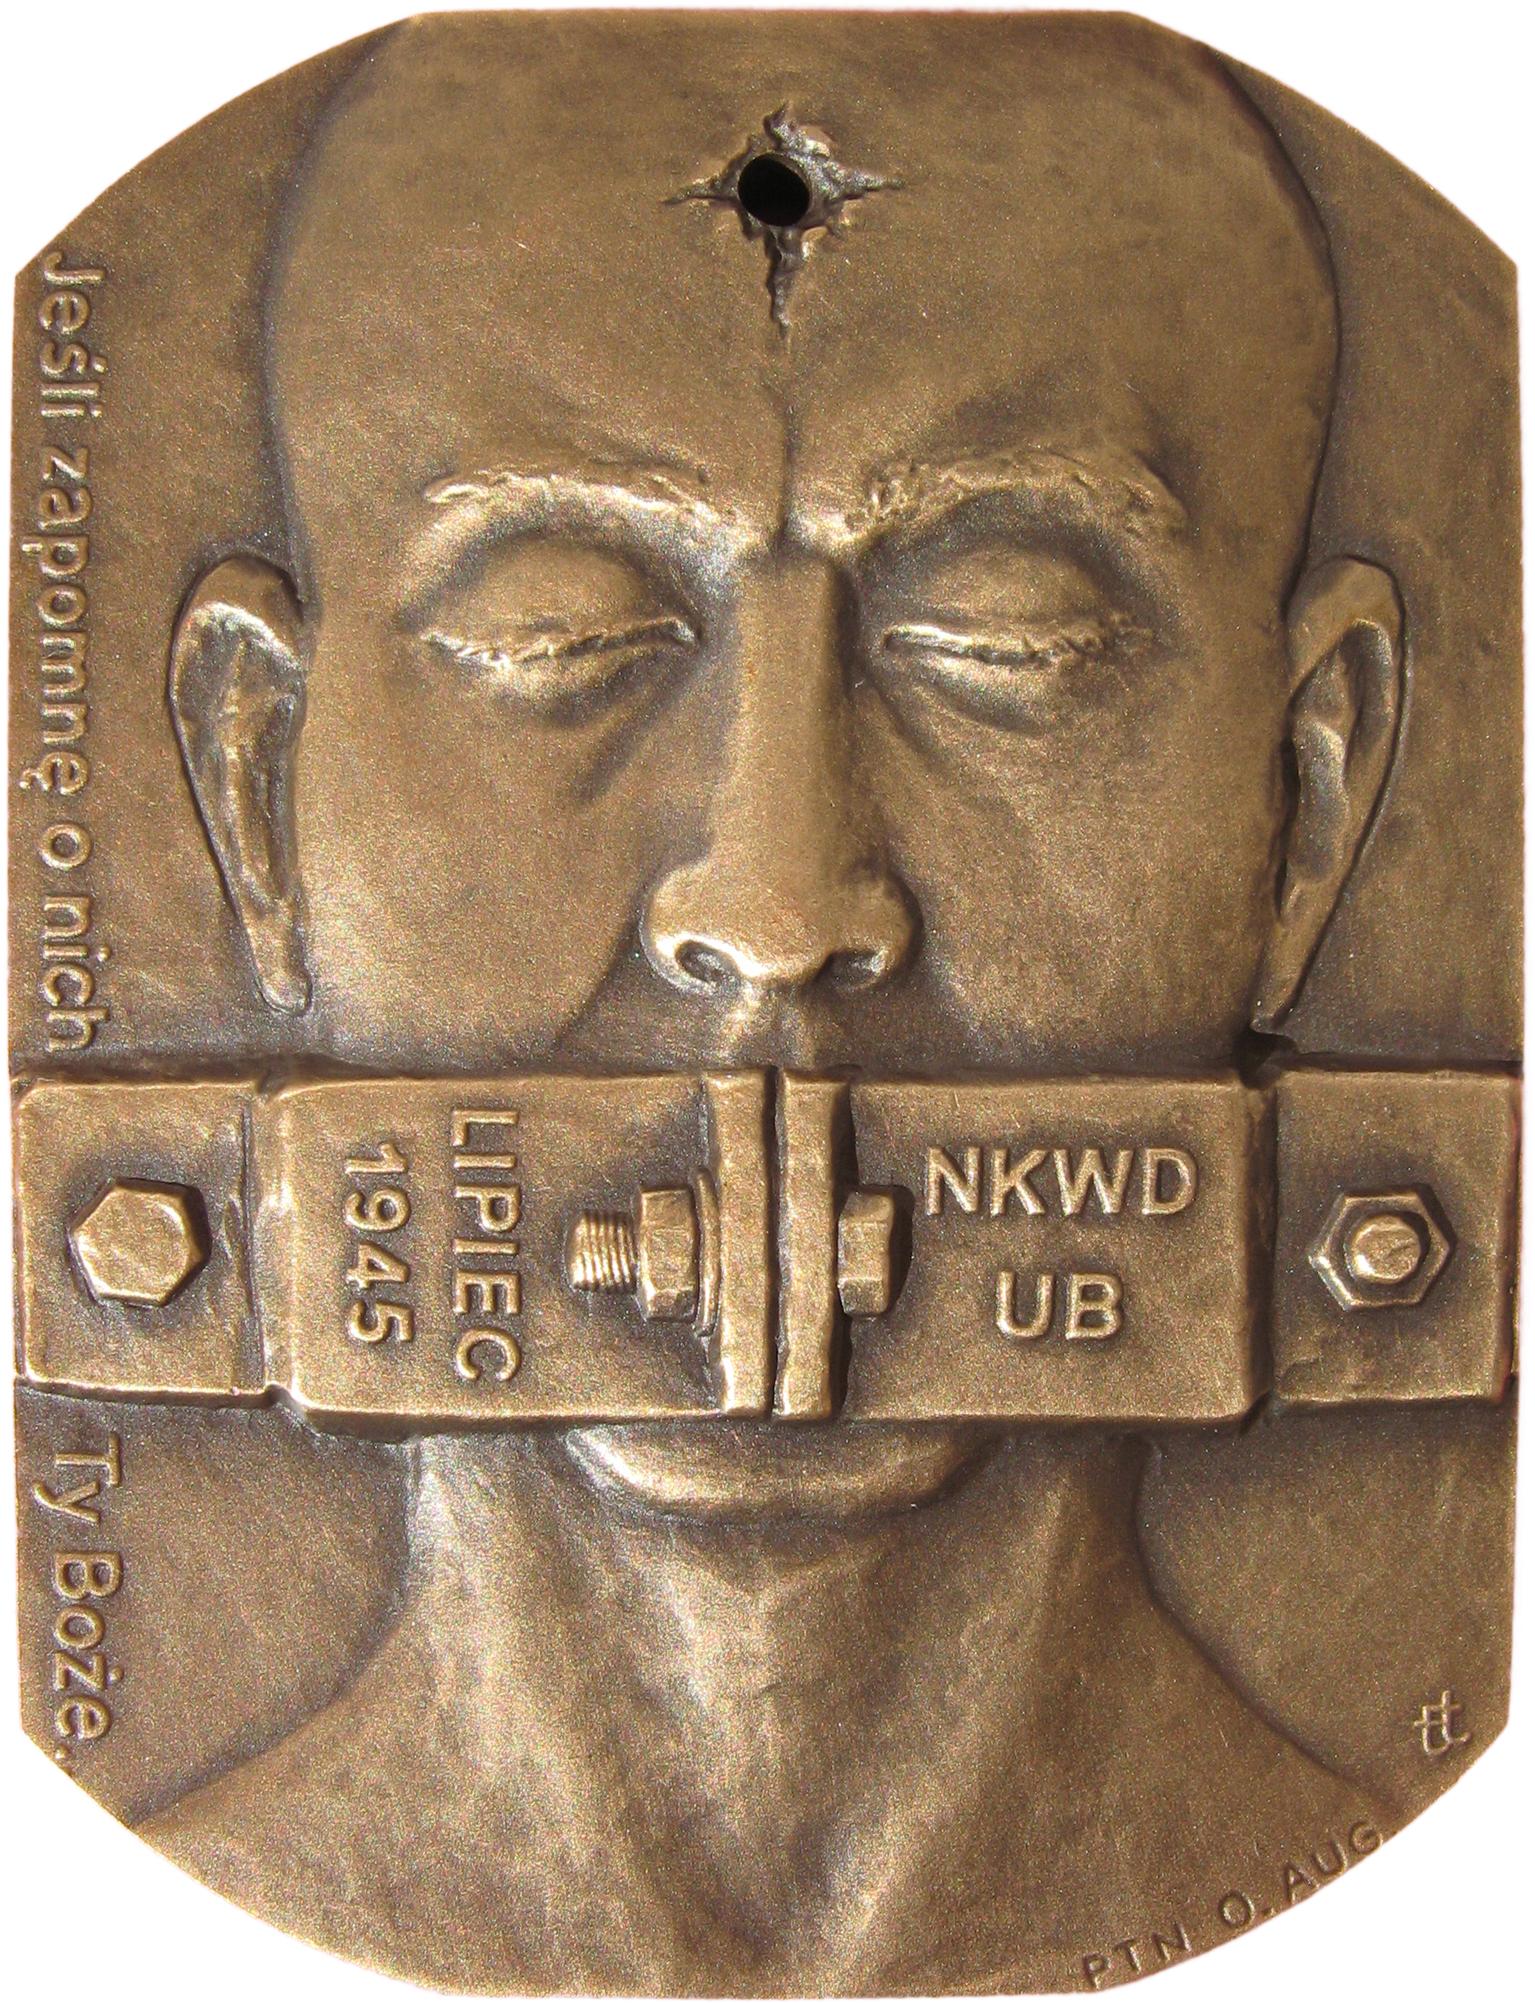 Tadeusz Tchórzewski - Medal w 65 rocznicę obławy augustowskiej (awers), tombak, 65 x 50 mm, 2010